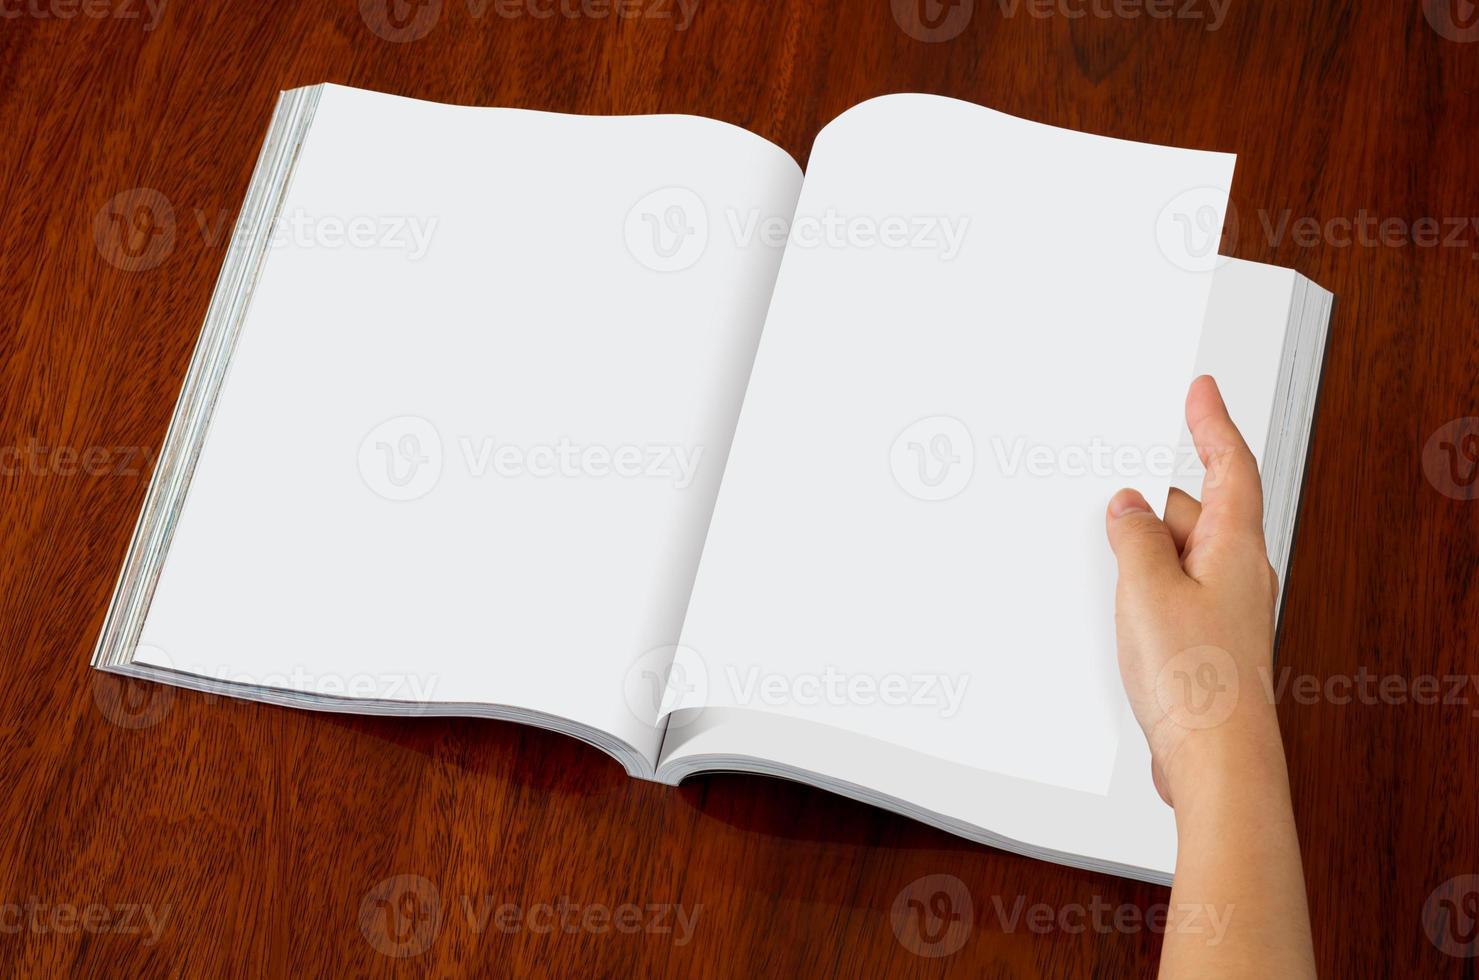 catálogo em branco, revistas, livro simulado acima sobre fundo de madeira foto